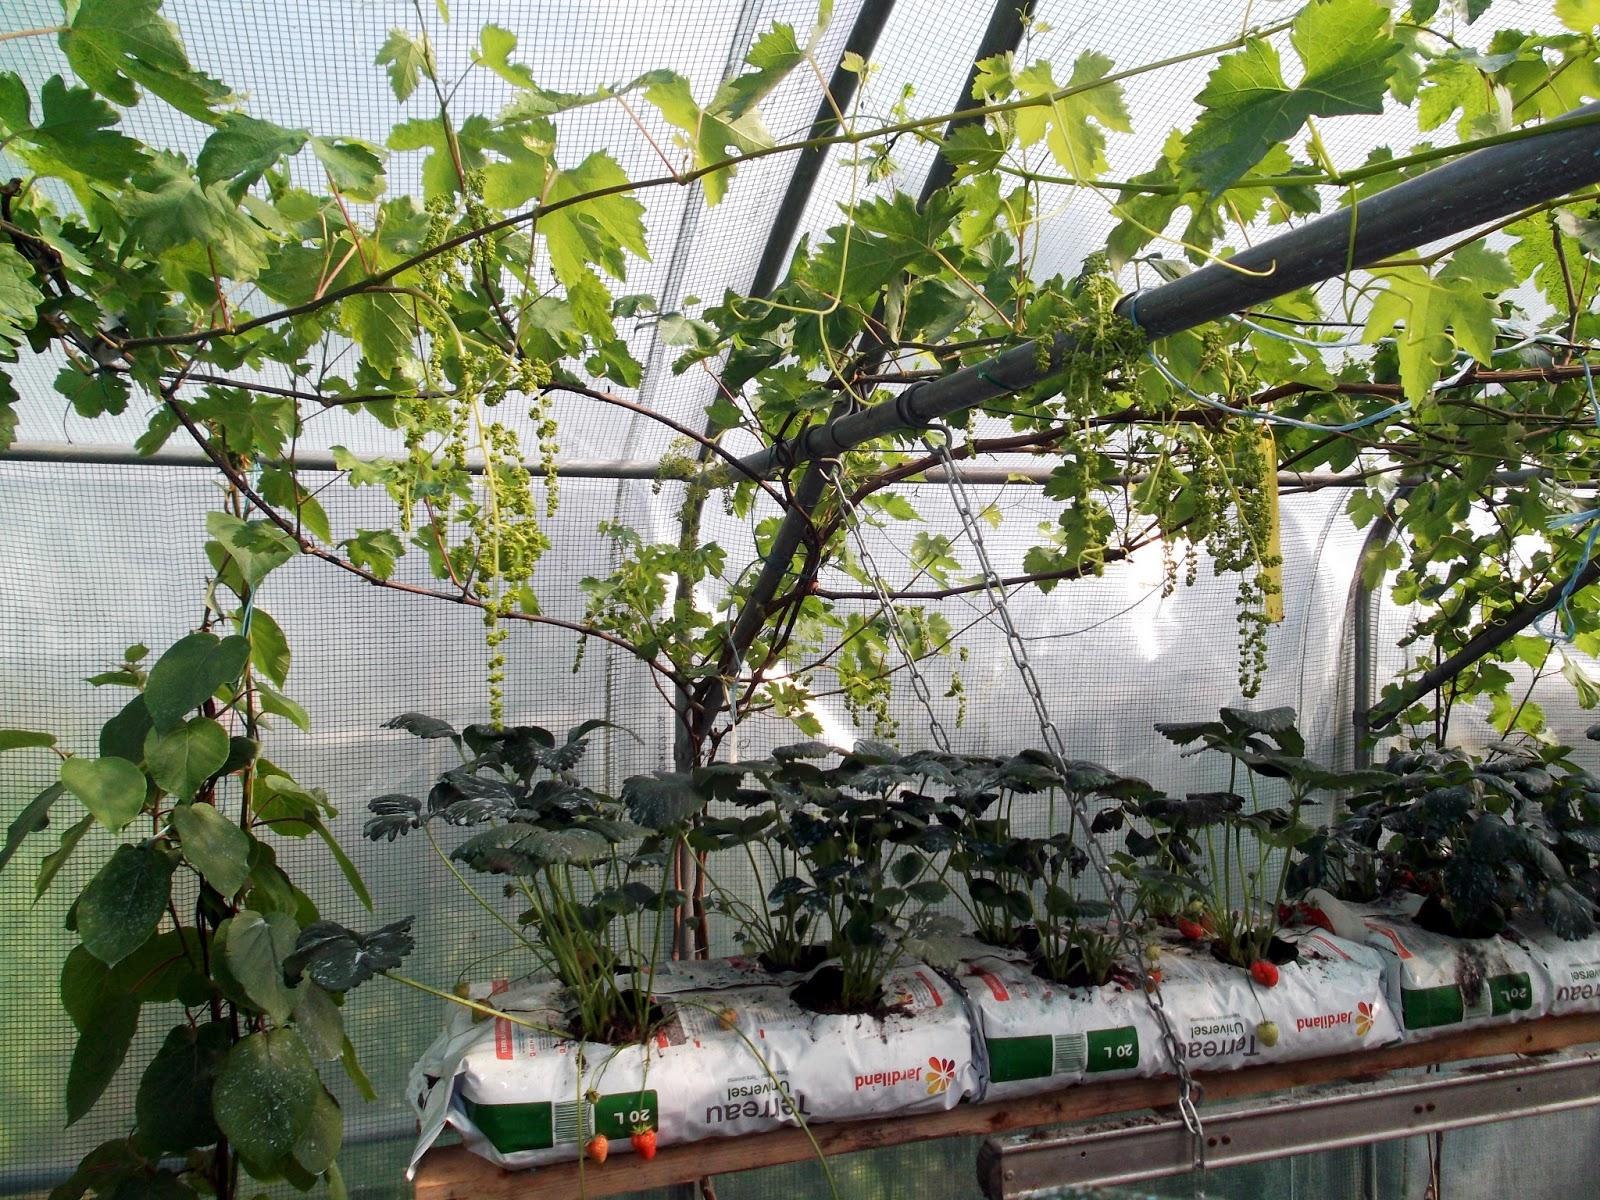 Passion tomates les fruits rouge et la vigne dans la for Bouillie bordelaise piscine